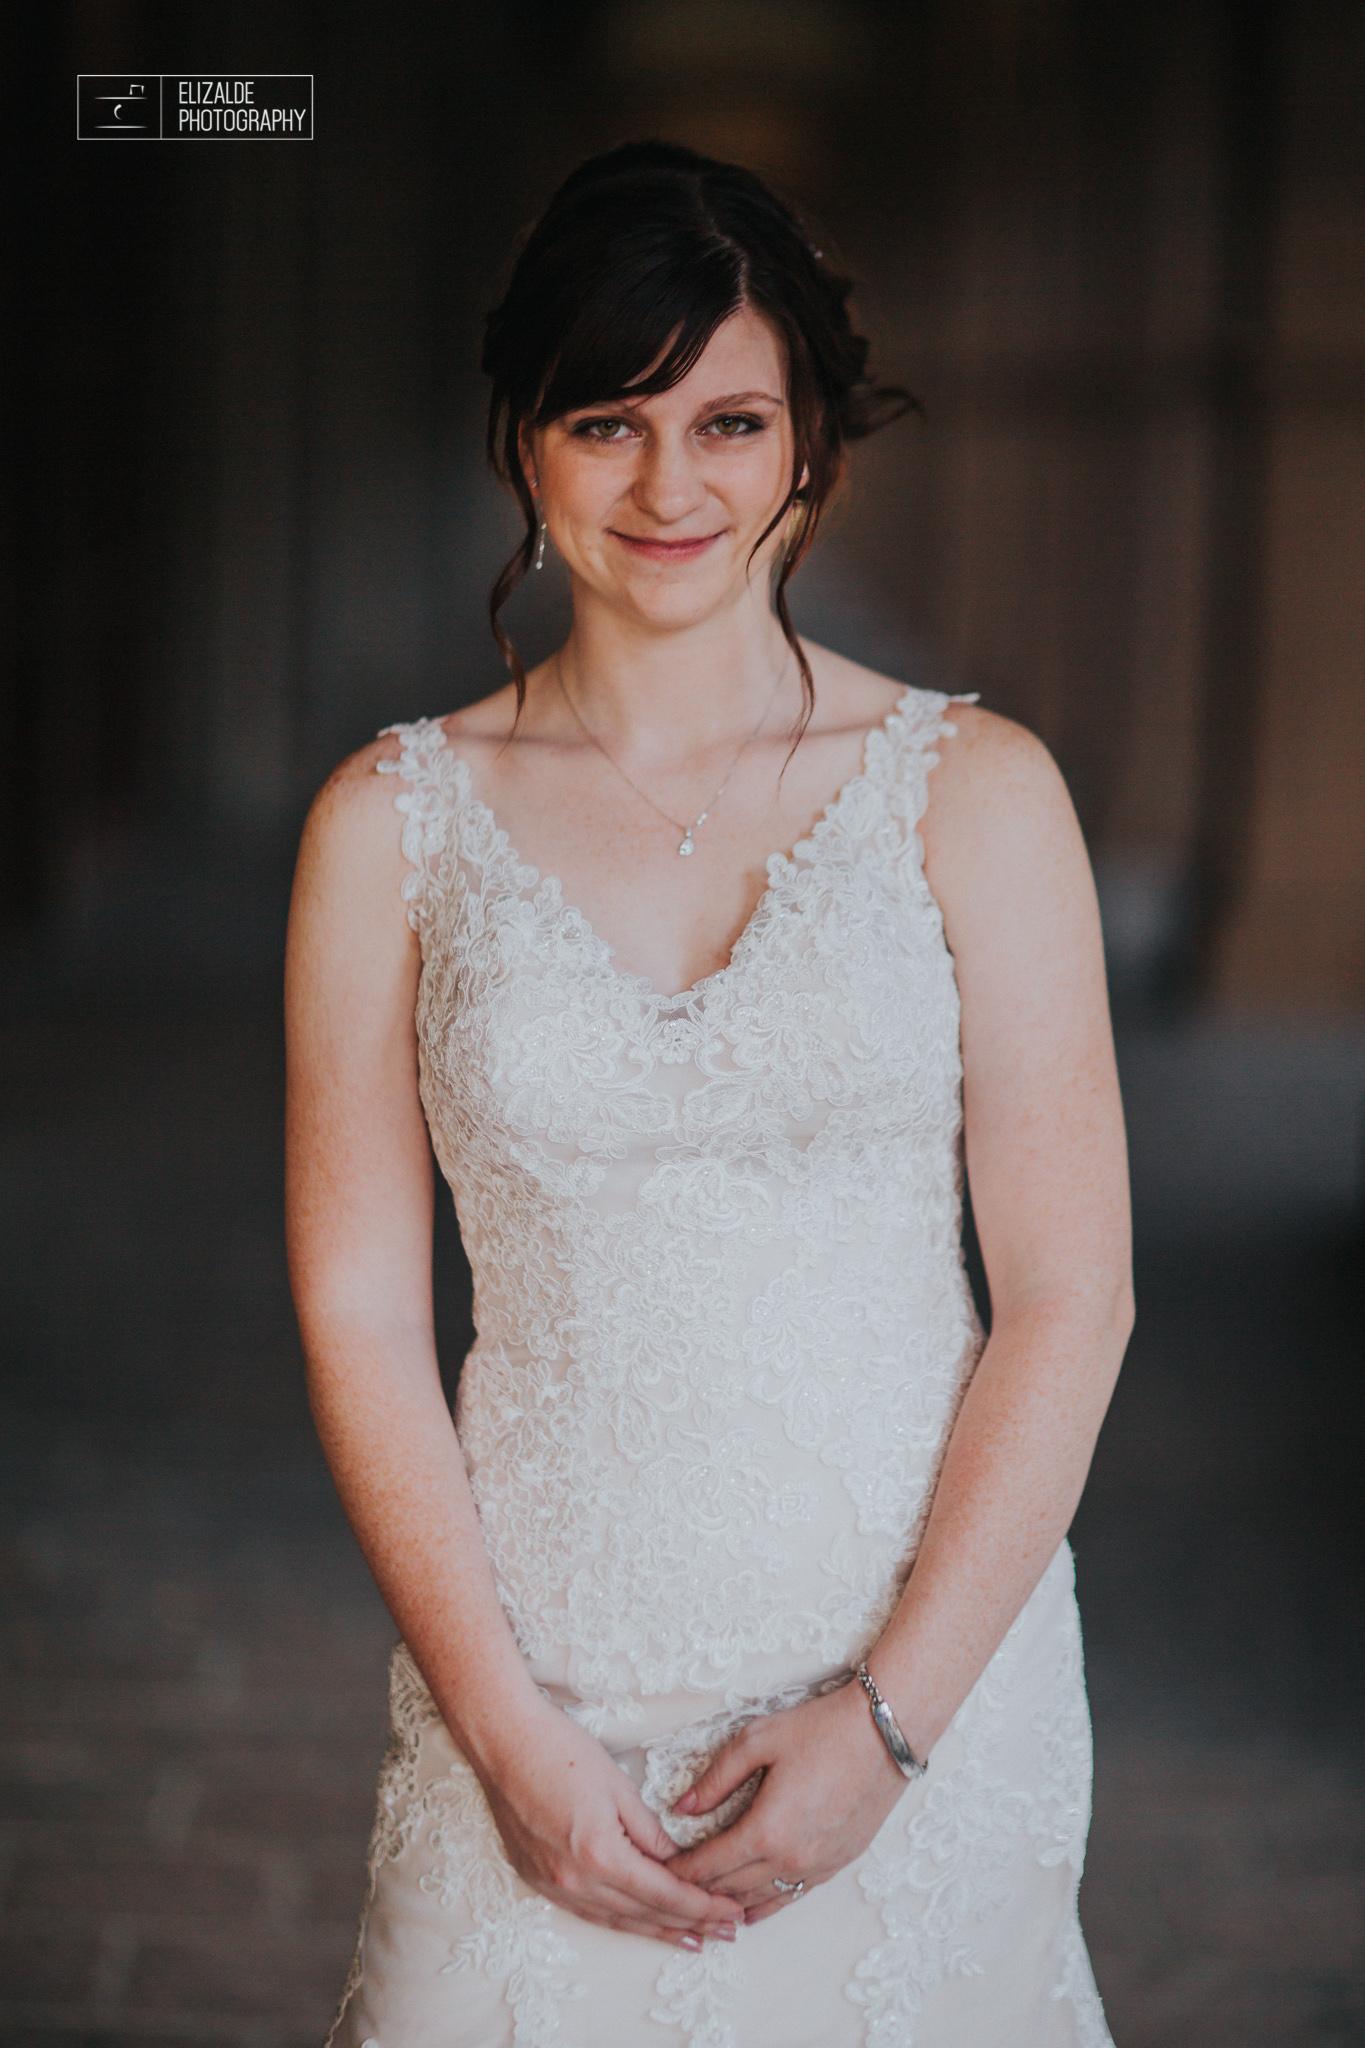 Kelly_Bridals_Omni_DFW_wedding_blog-1.jpg